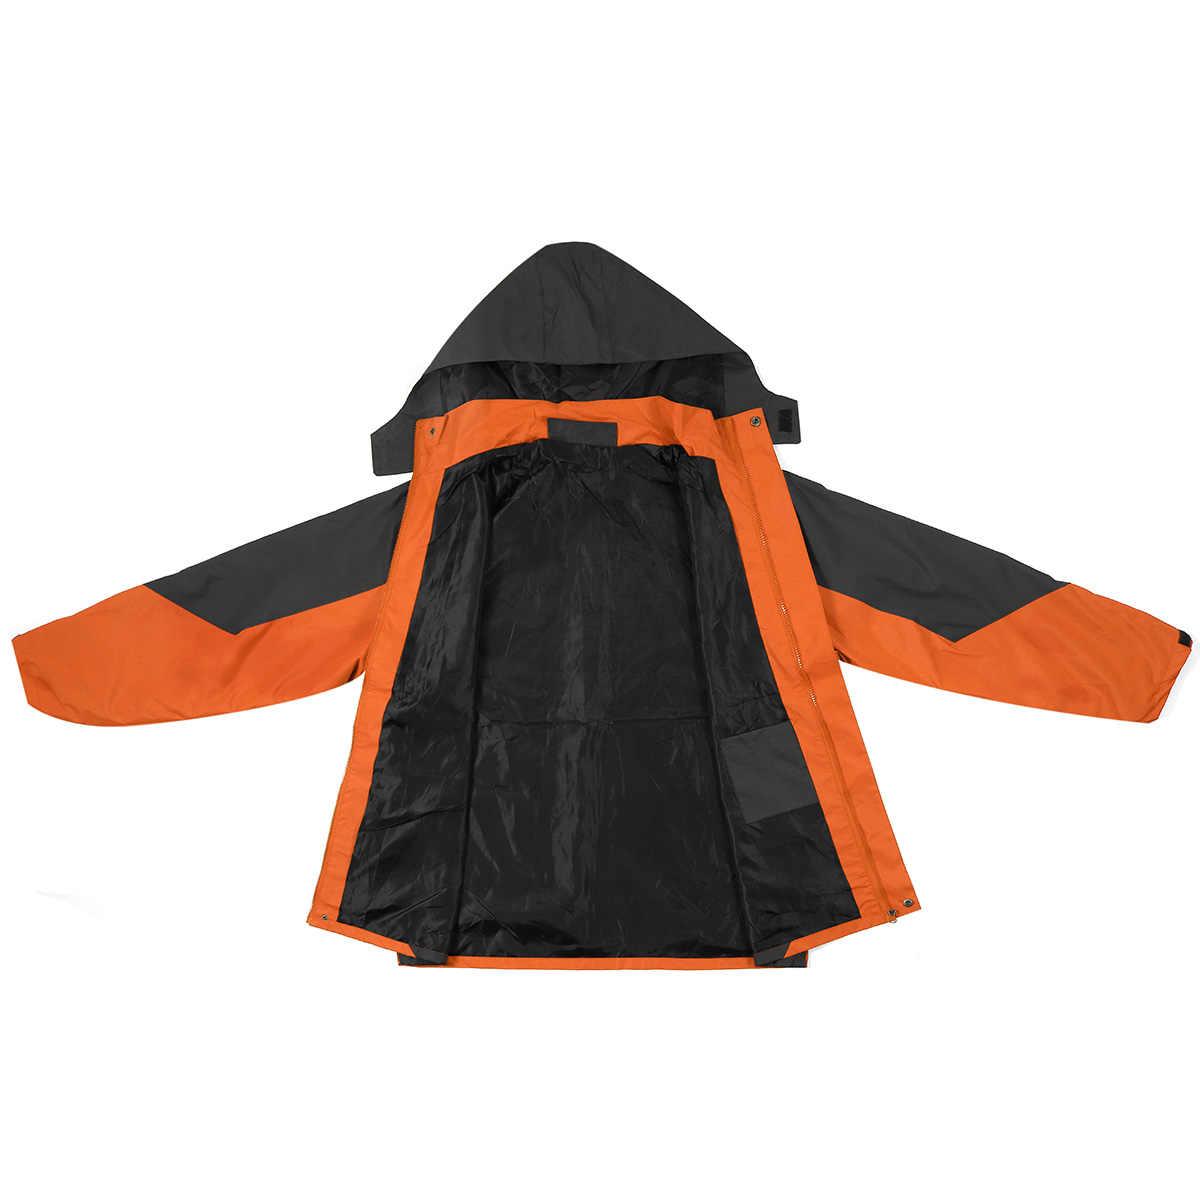 Hangat Ski Jacket Pria Wanita Jaket Tahan Air Salju Bulu Lined Coat Outdoor Snowboard Kain Tahan Angin Musim Dingin Hangat Salju Cocok